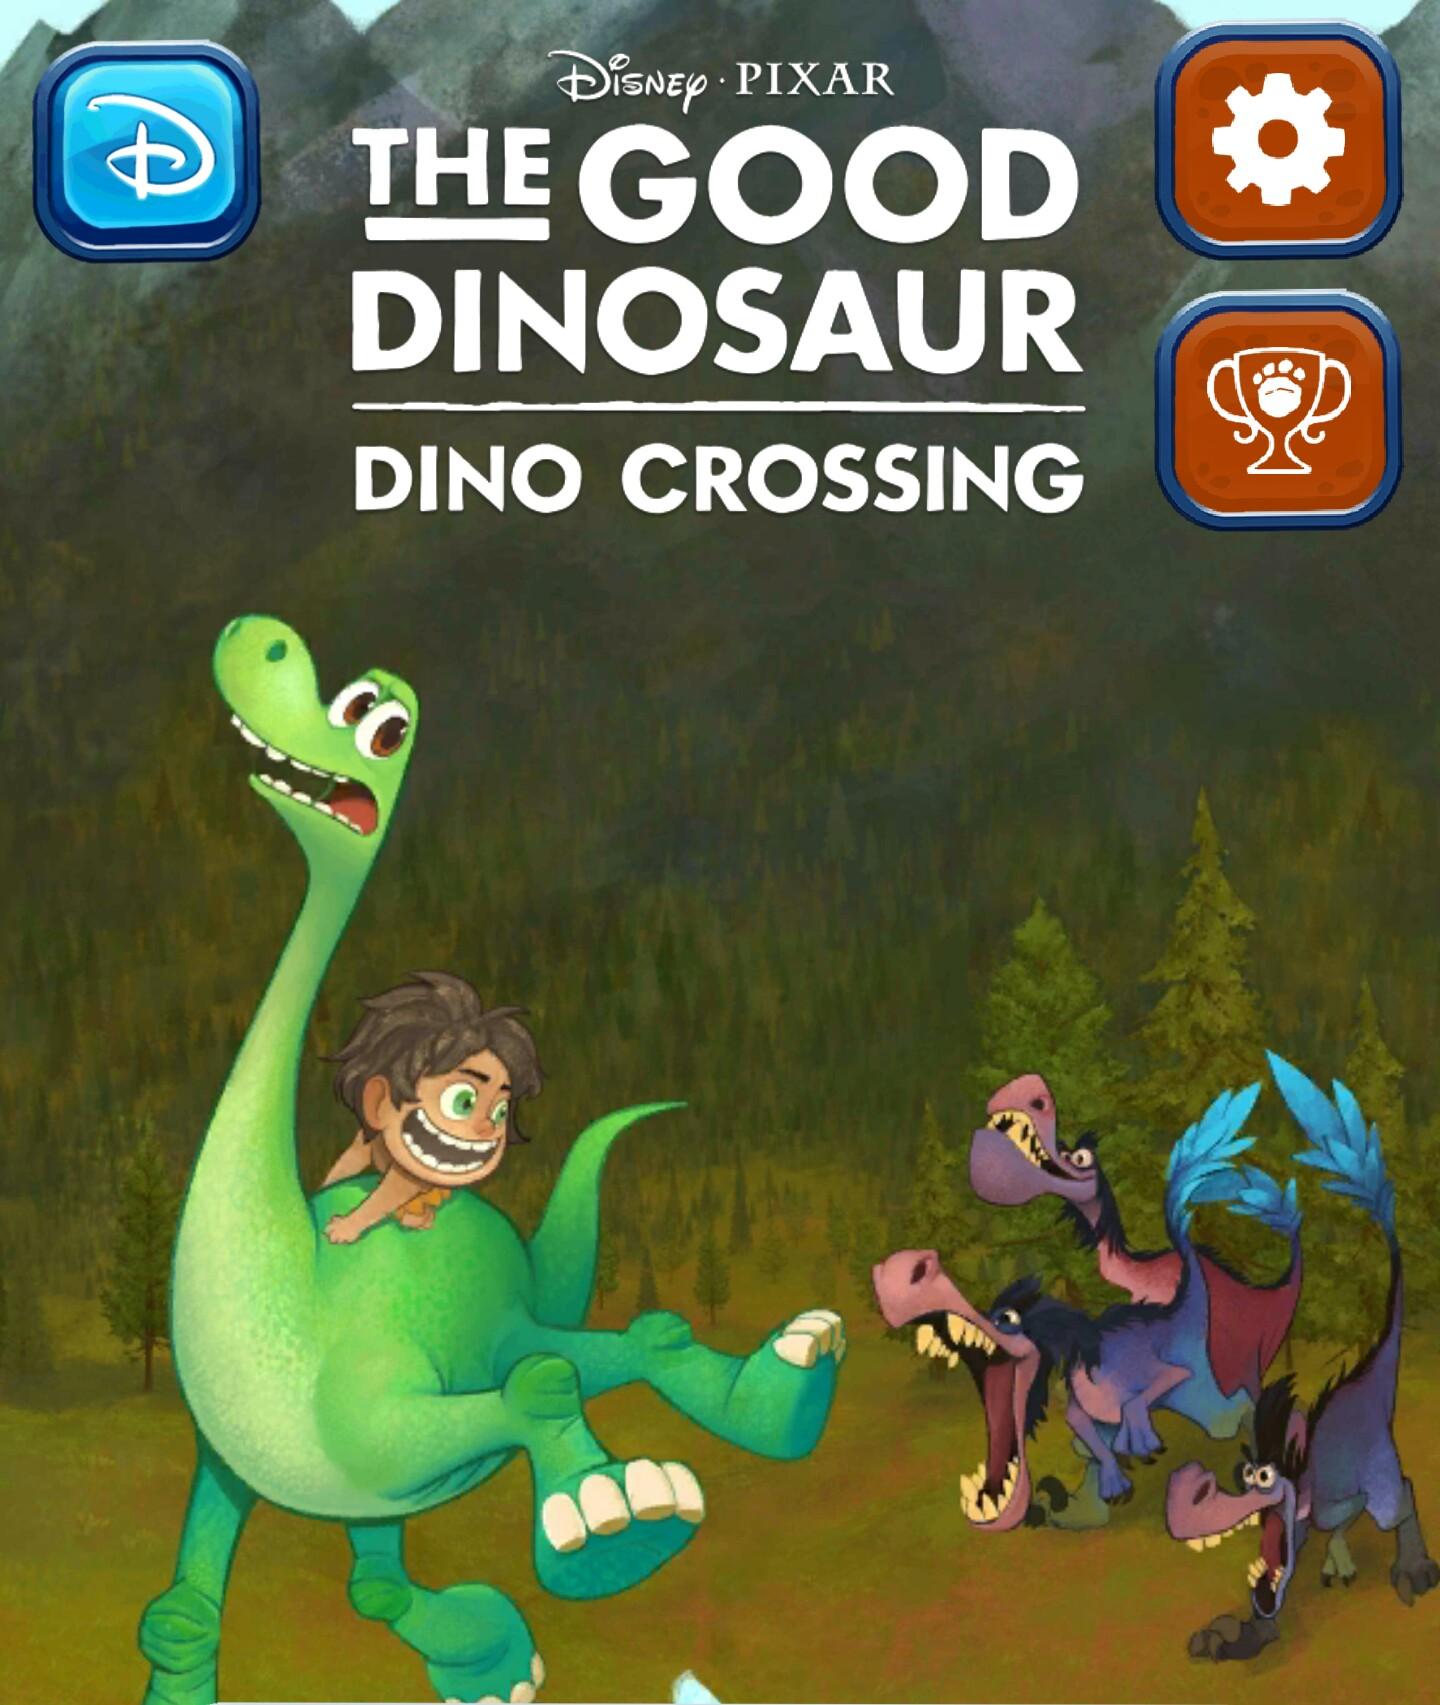 The Good Dinosaur: Dino Run App Review